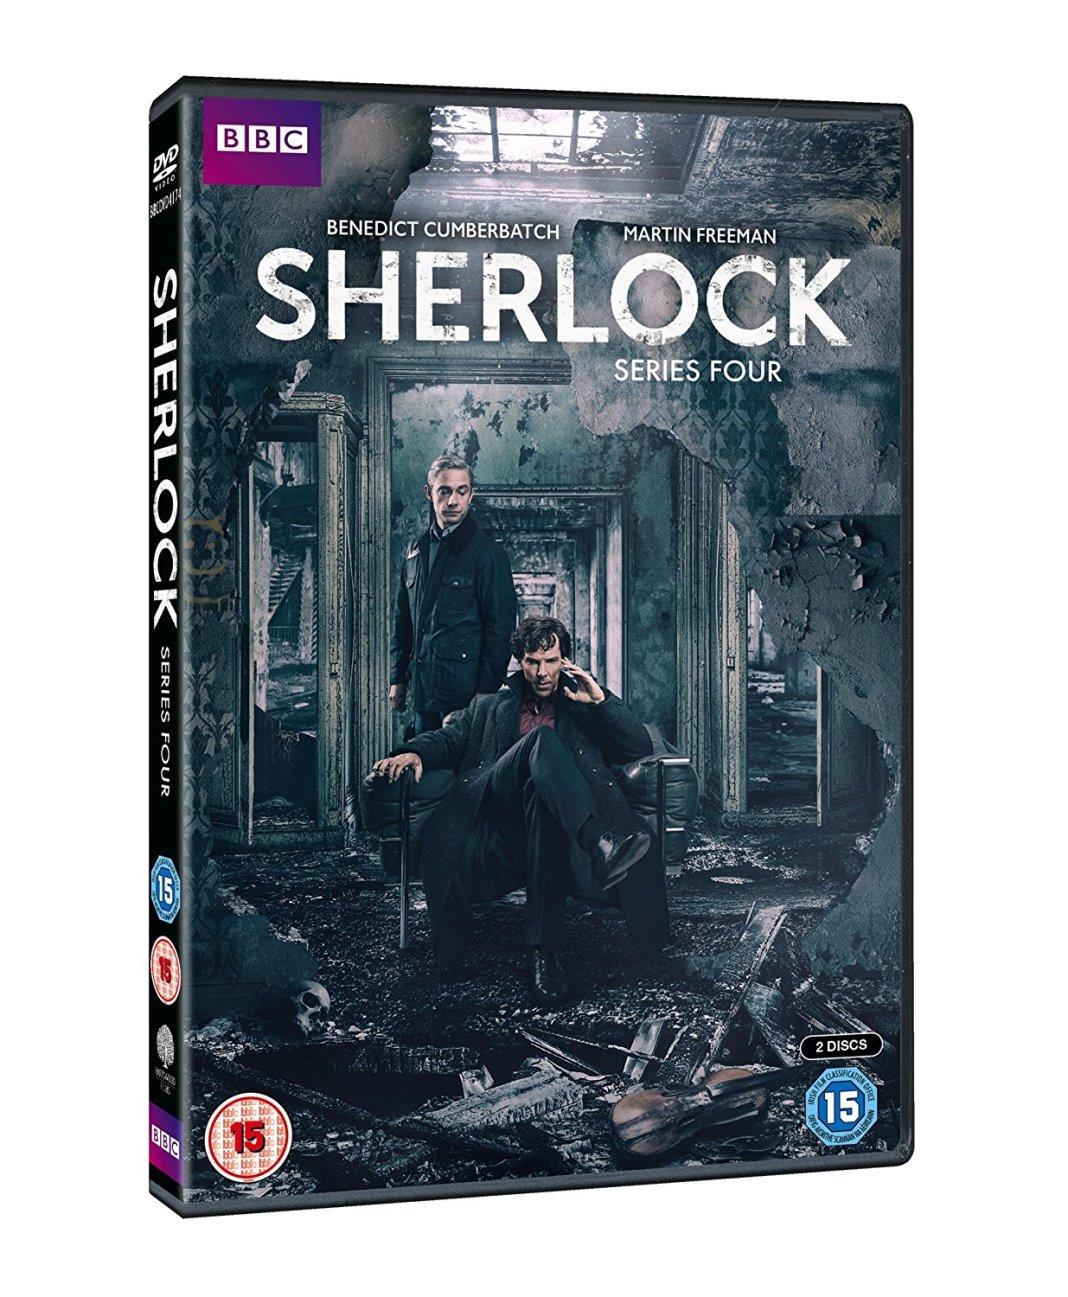 Sherlock Series 4 DVD